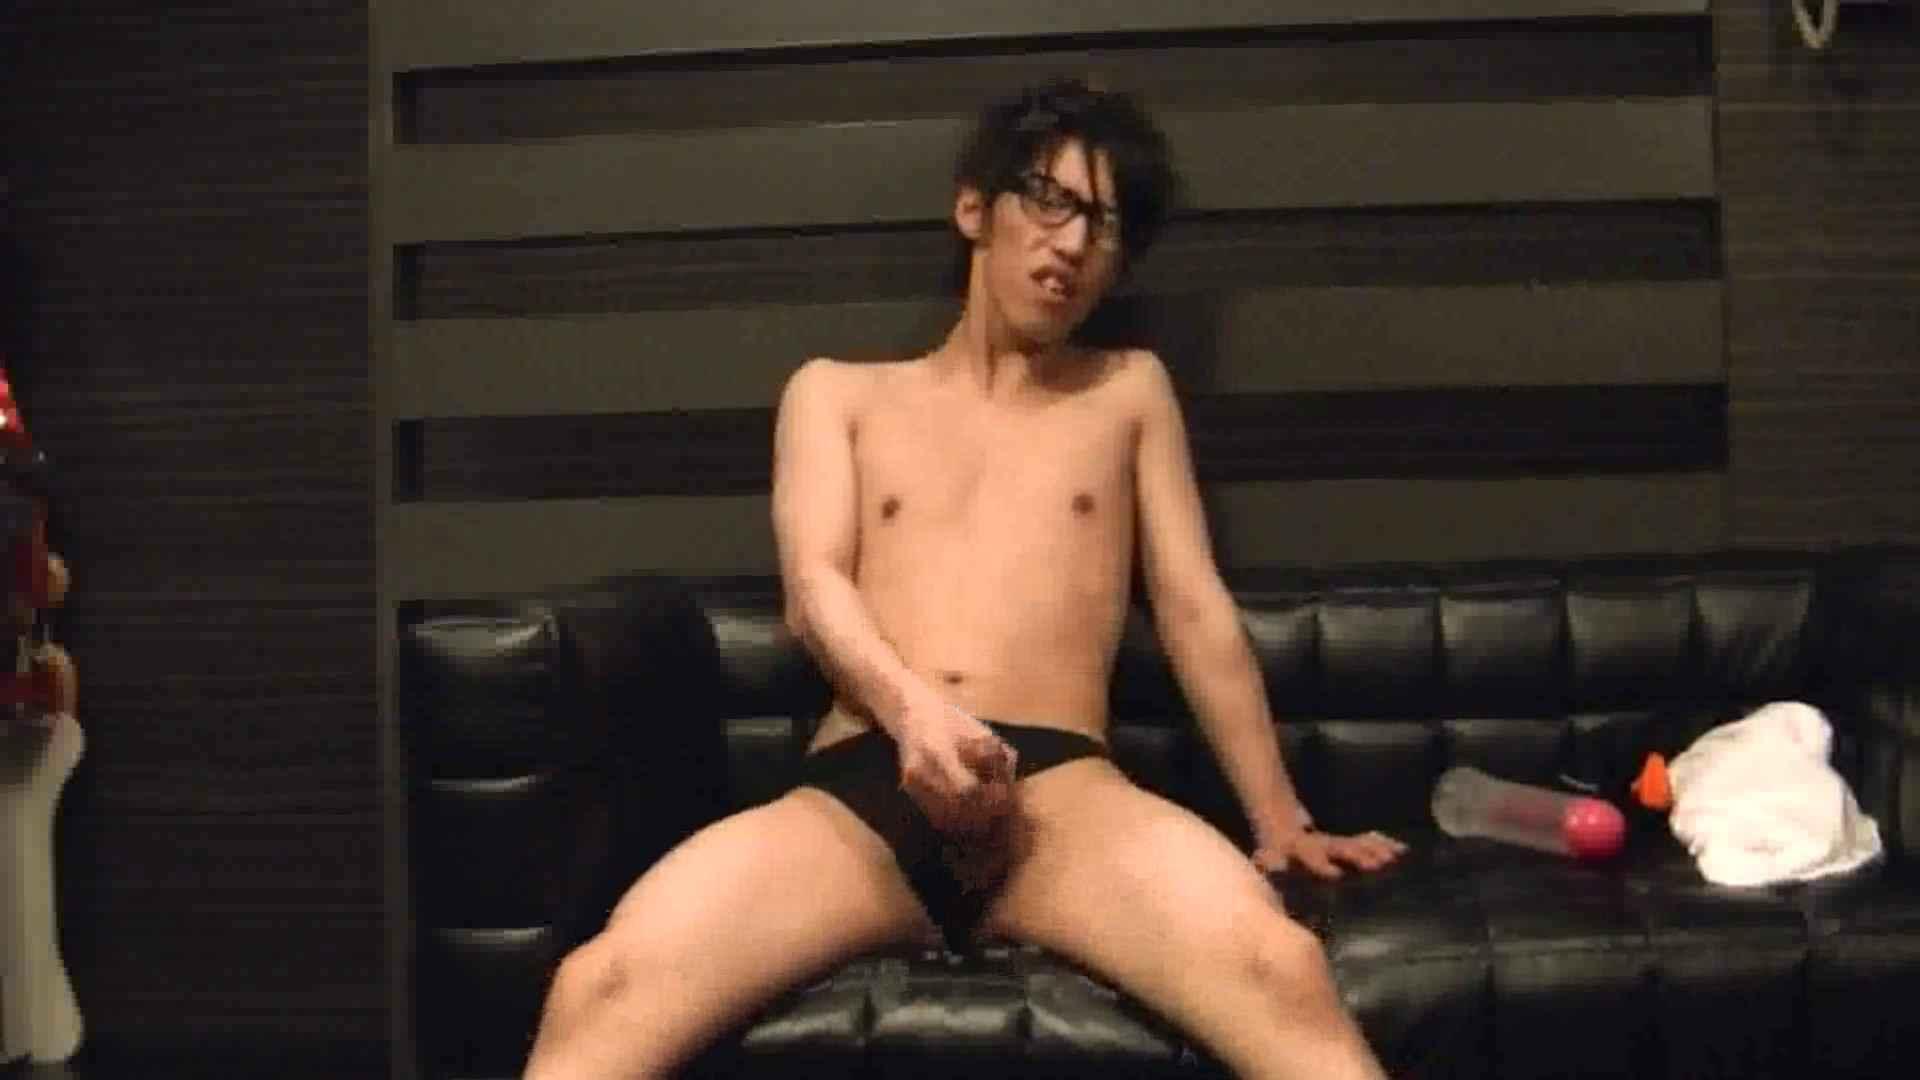 ONA見せカーニバル!! Vol3 ゲイのオナニー映像 | 男祭り  103枚 15